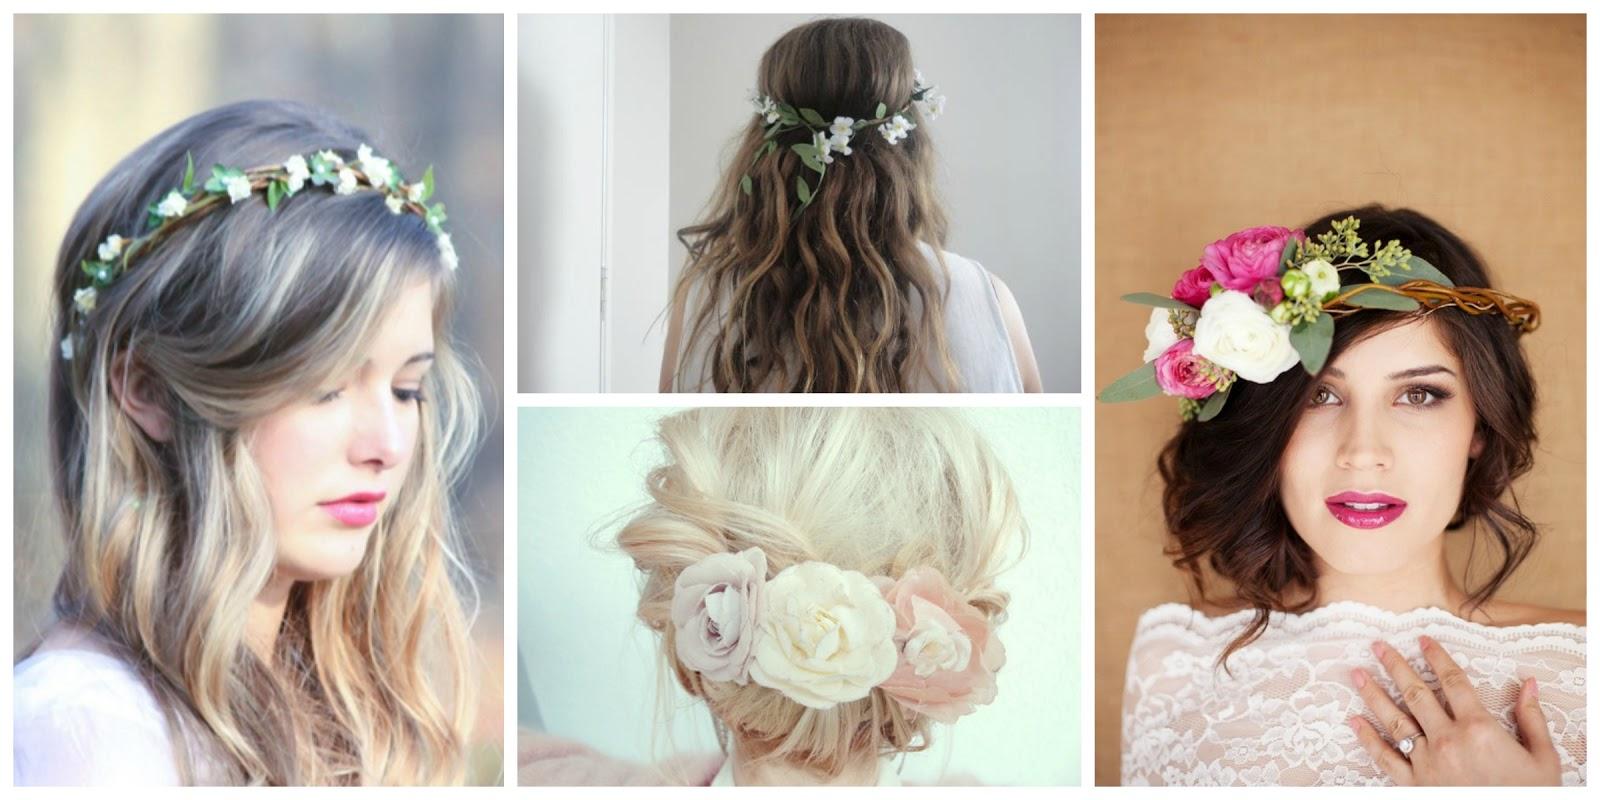 Isabella di grandy el cabello y sus nuevas decoraciones for Decoraciones para el pelo